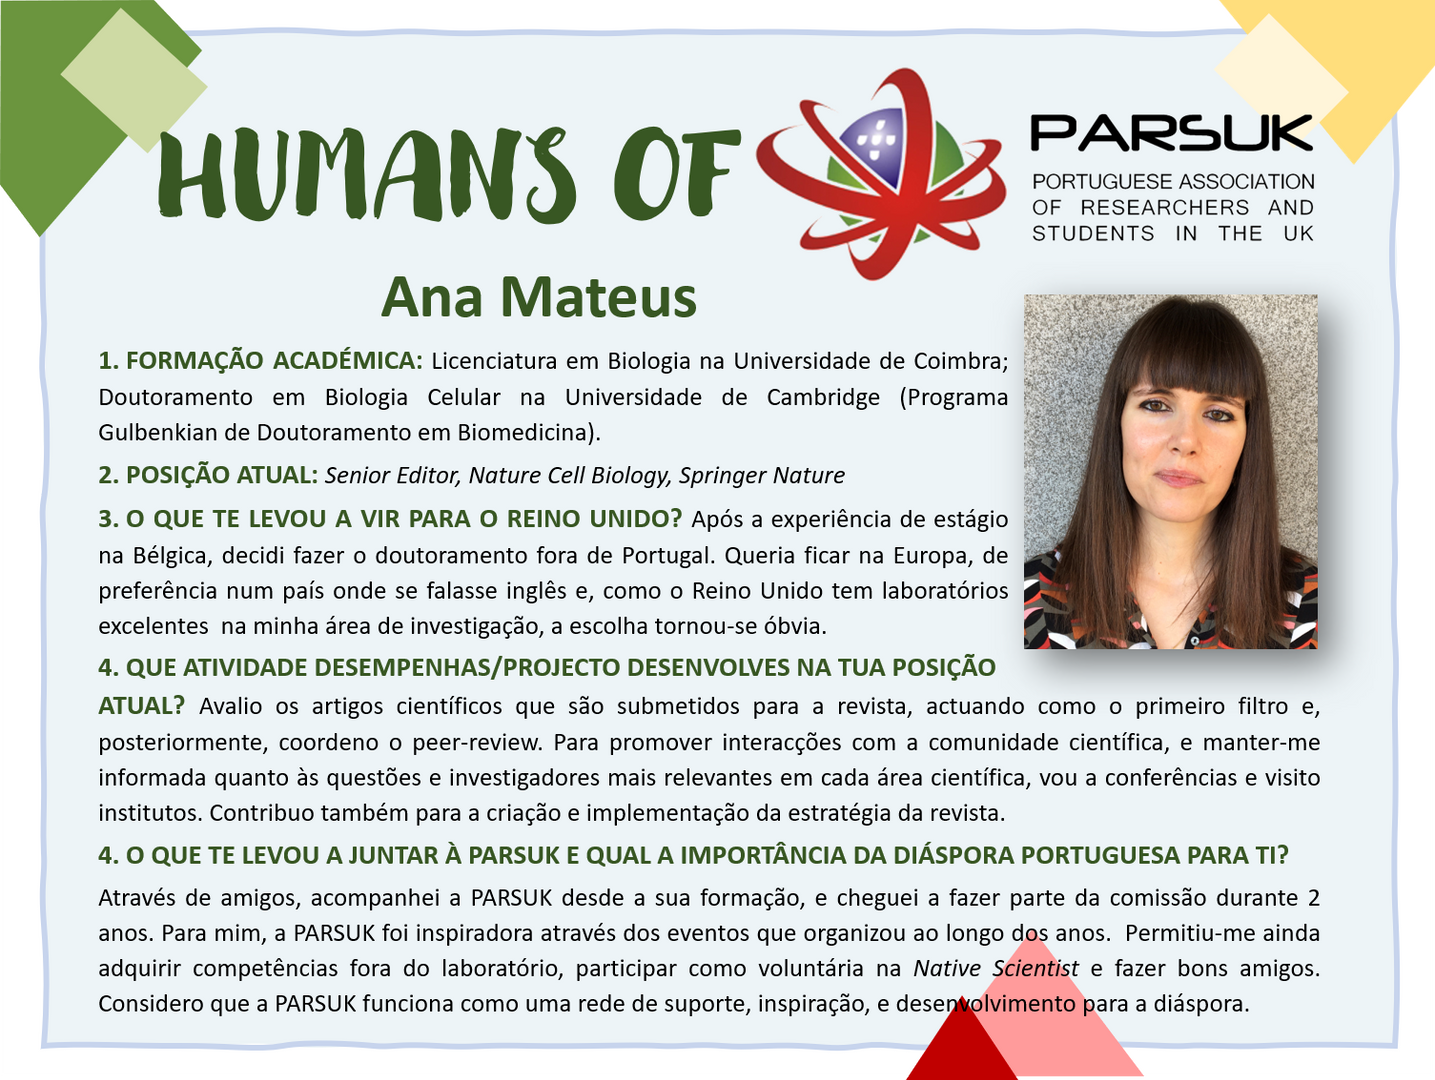 27.Ana Mateus.png